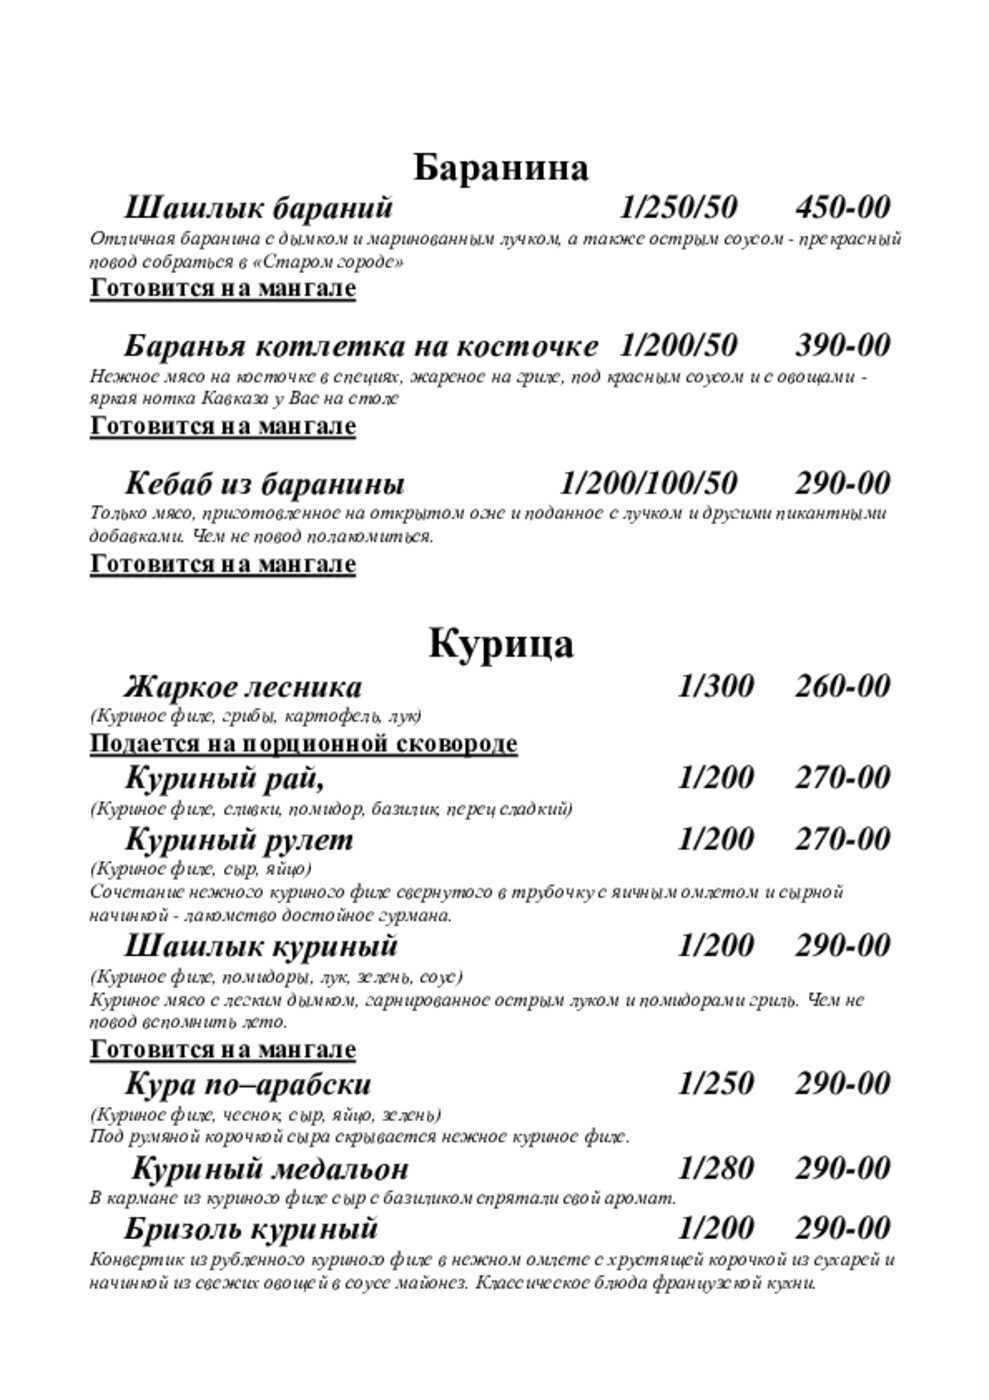 Меню кафе Старый город на улице Достоевского фото 6